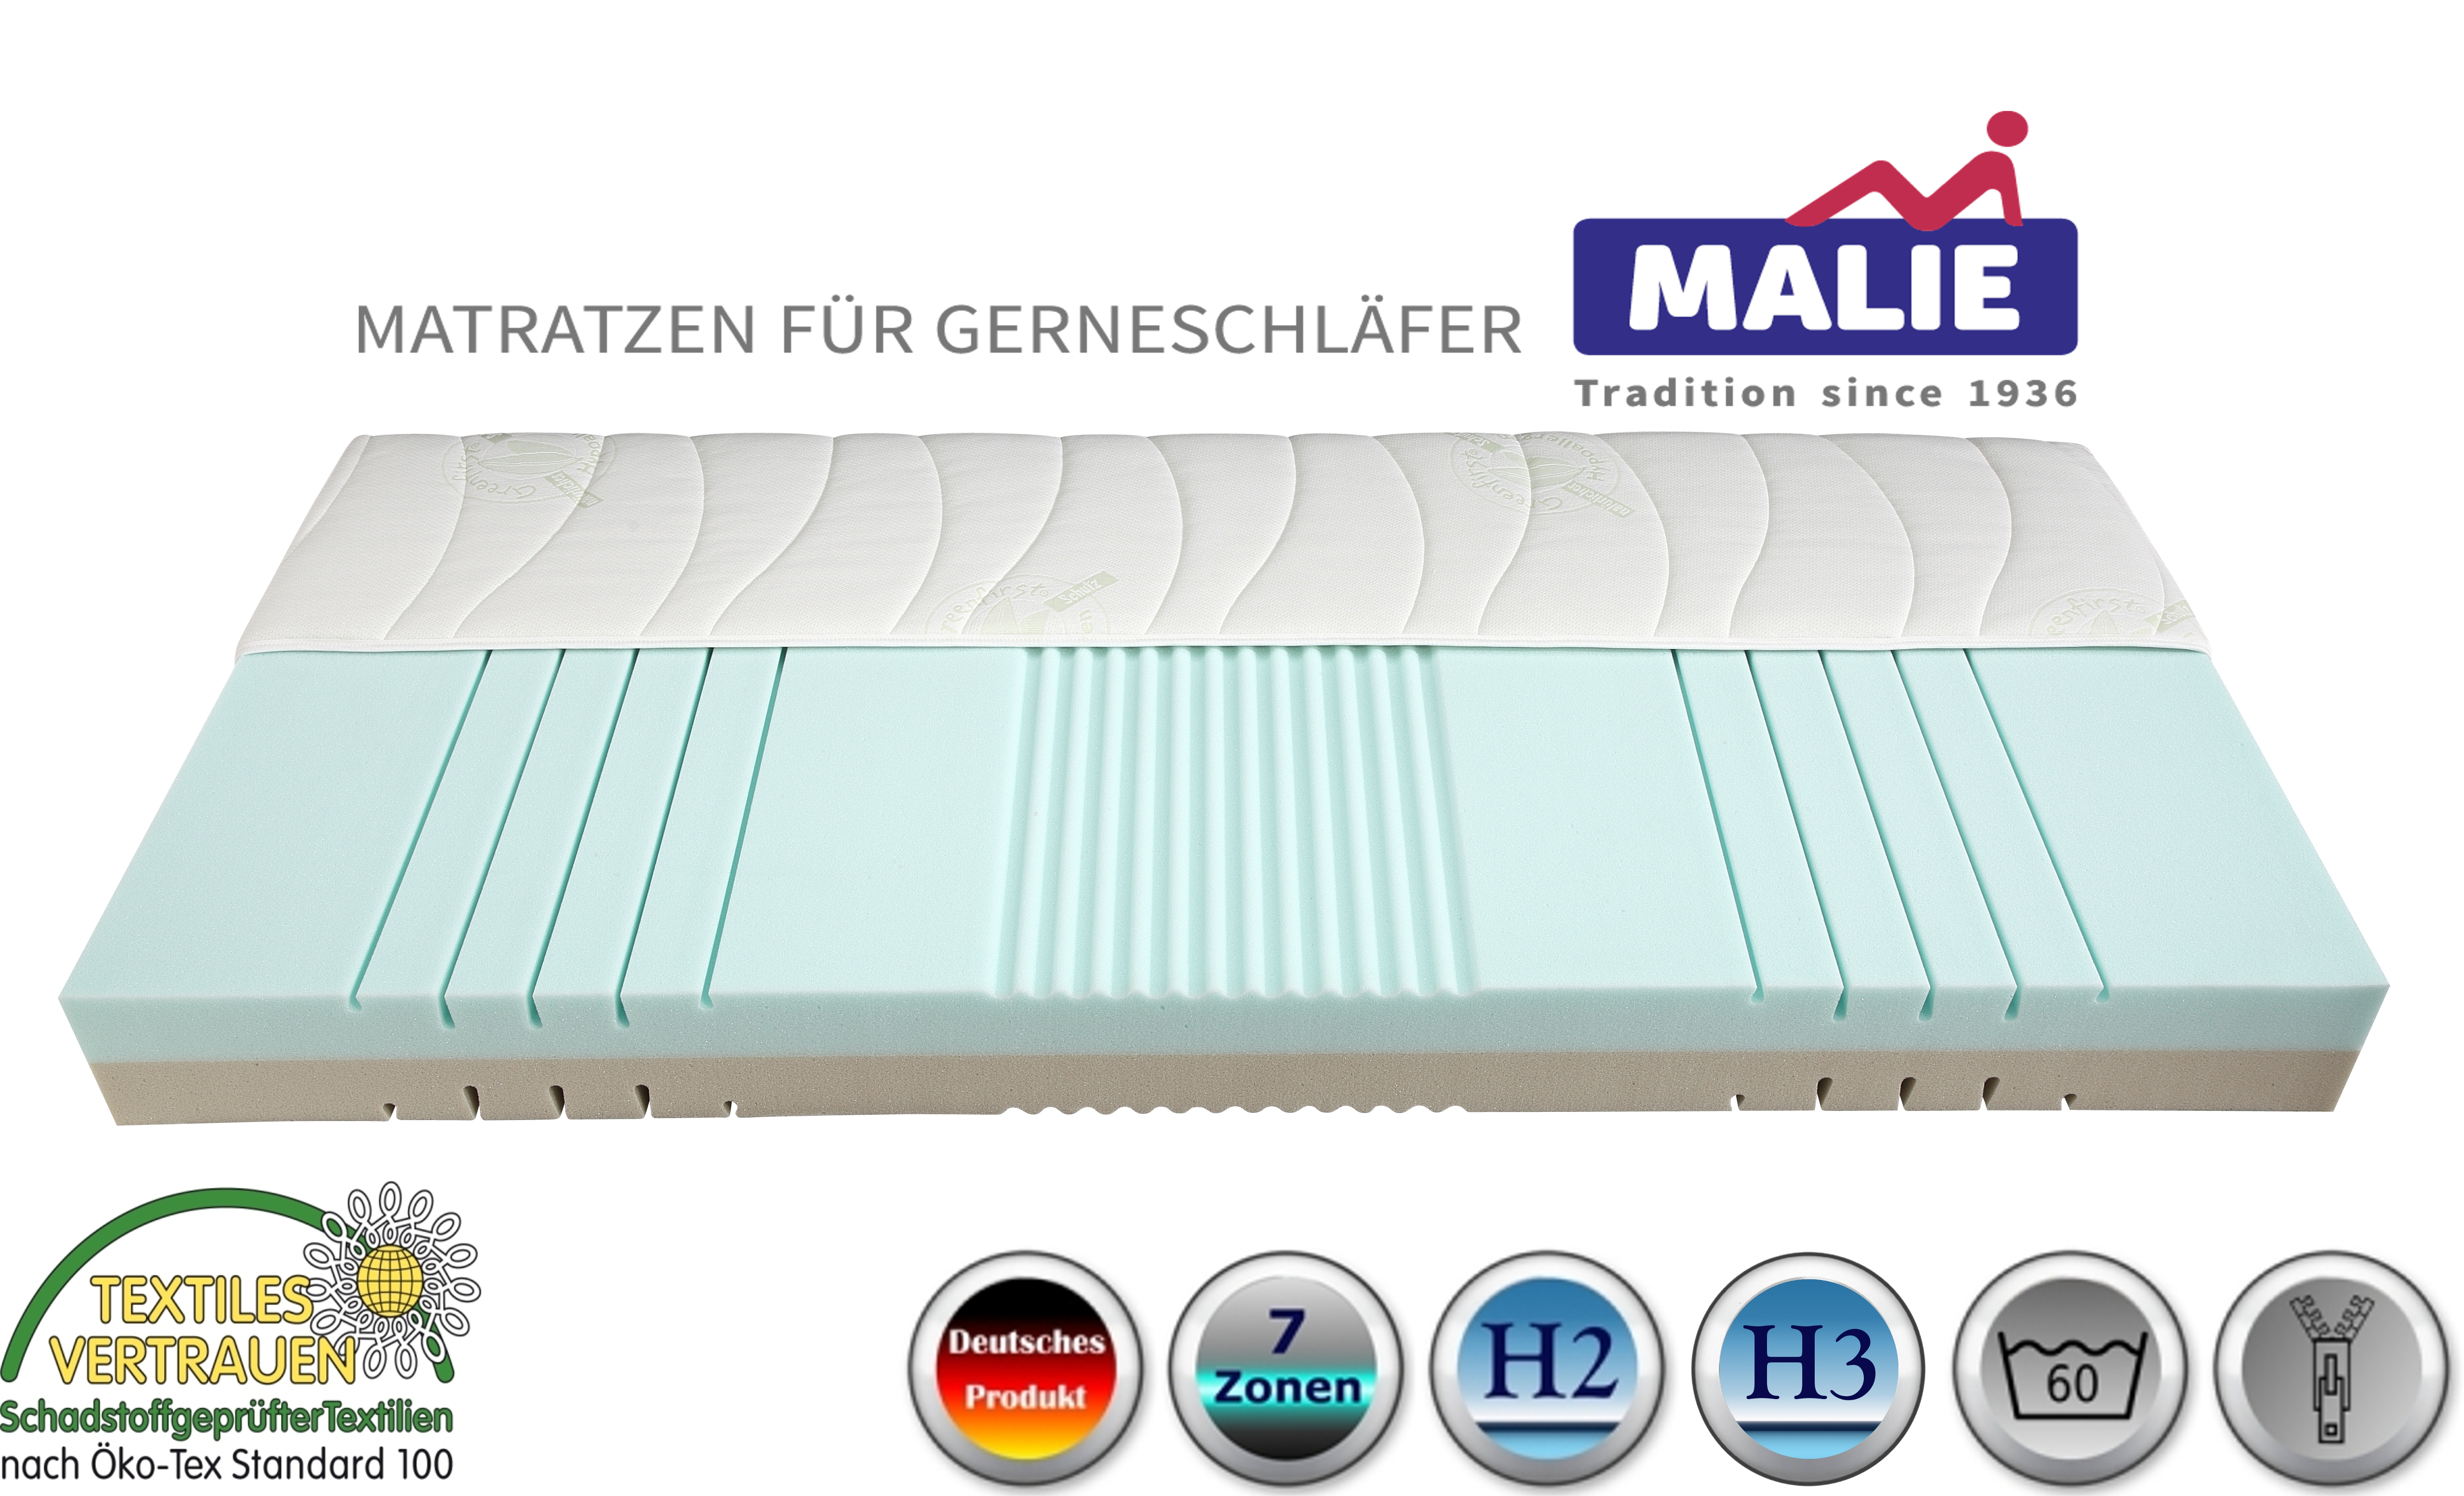 malie vicolo kaltschaummatratze kaufen matratzen compass. Black Bedroom Furniture Sets. Home Design Ideas